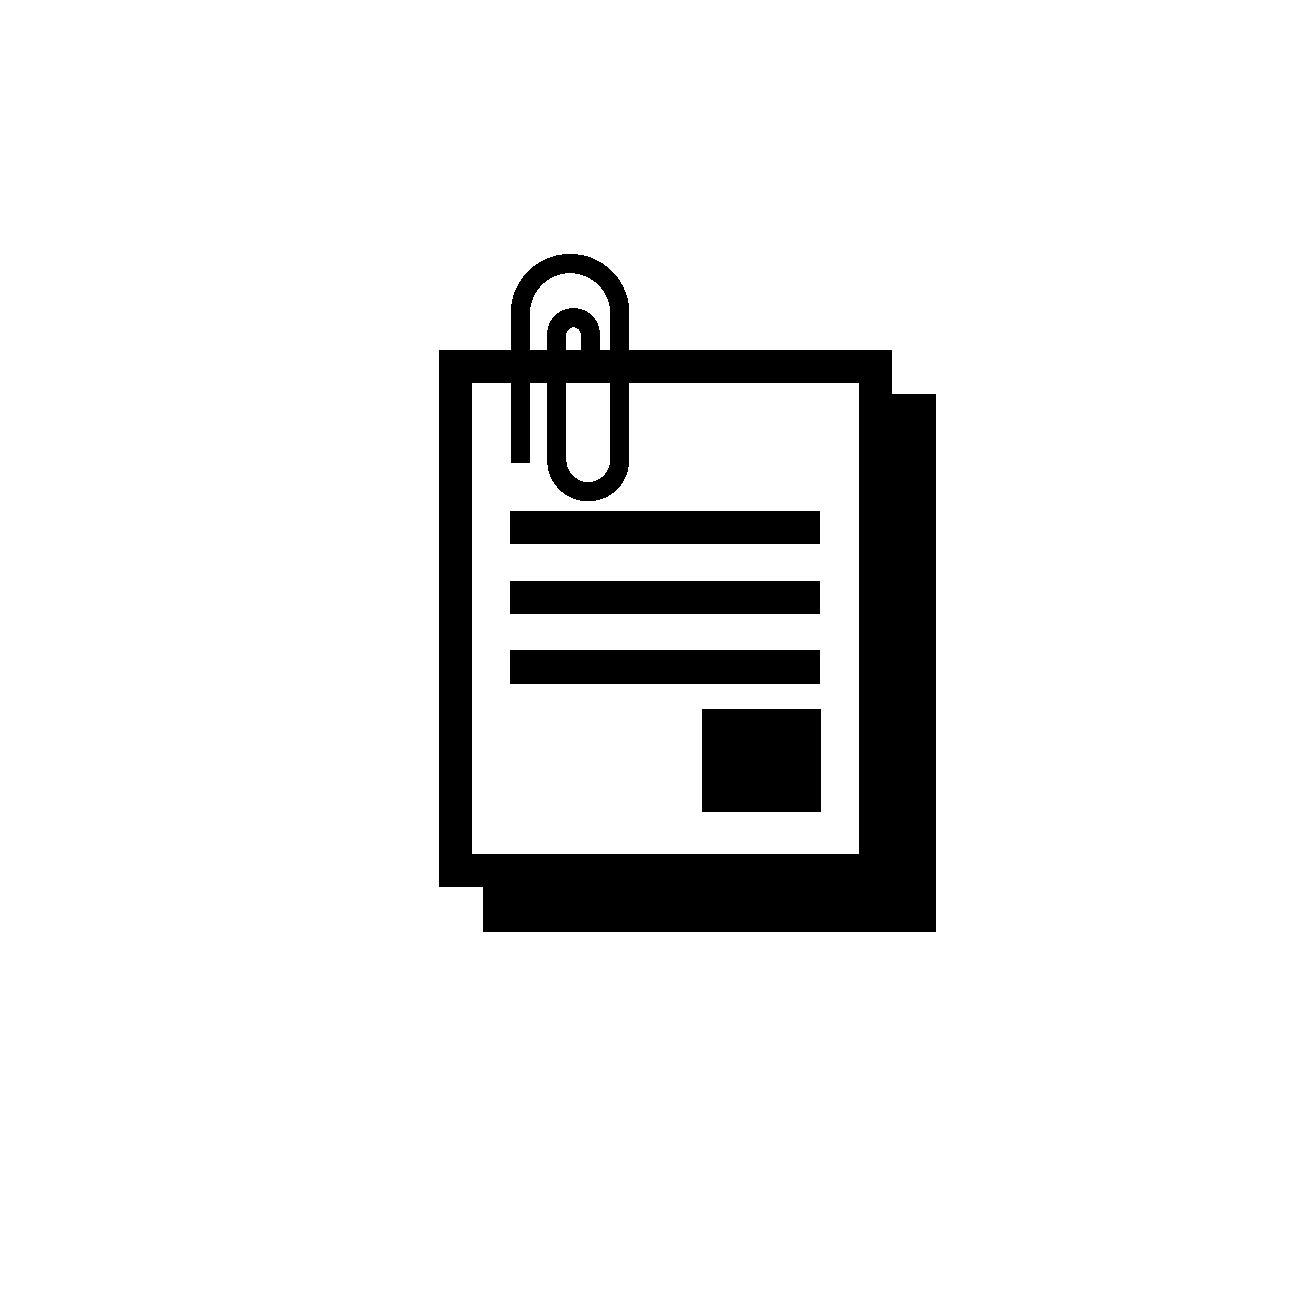 令 年 事業 サービス 4 月 コード 和 3 総合